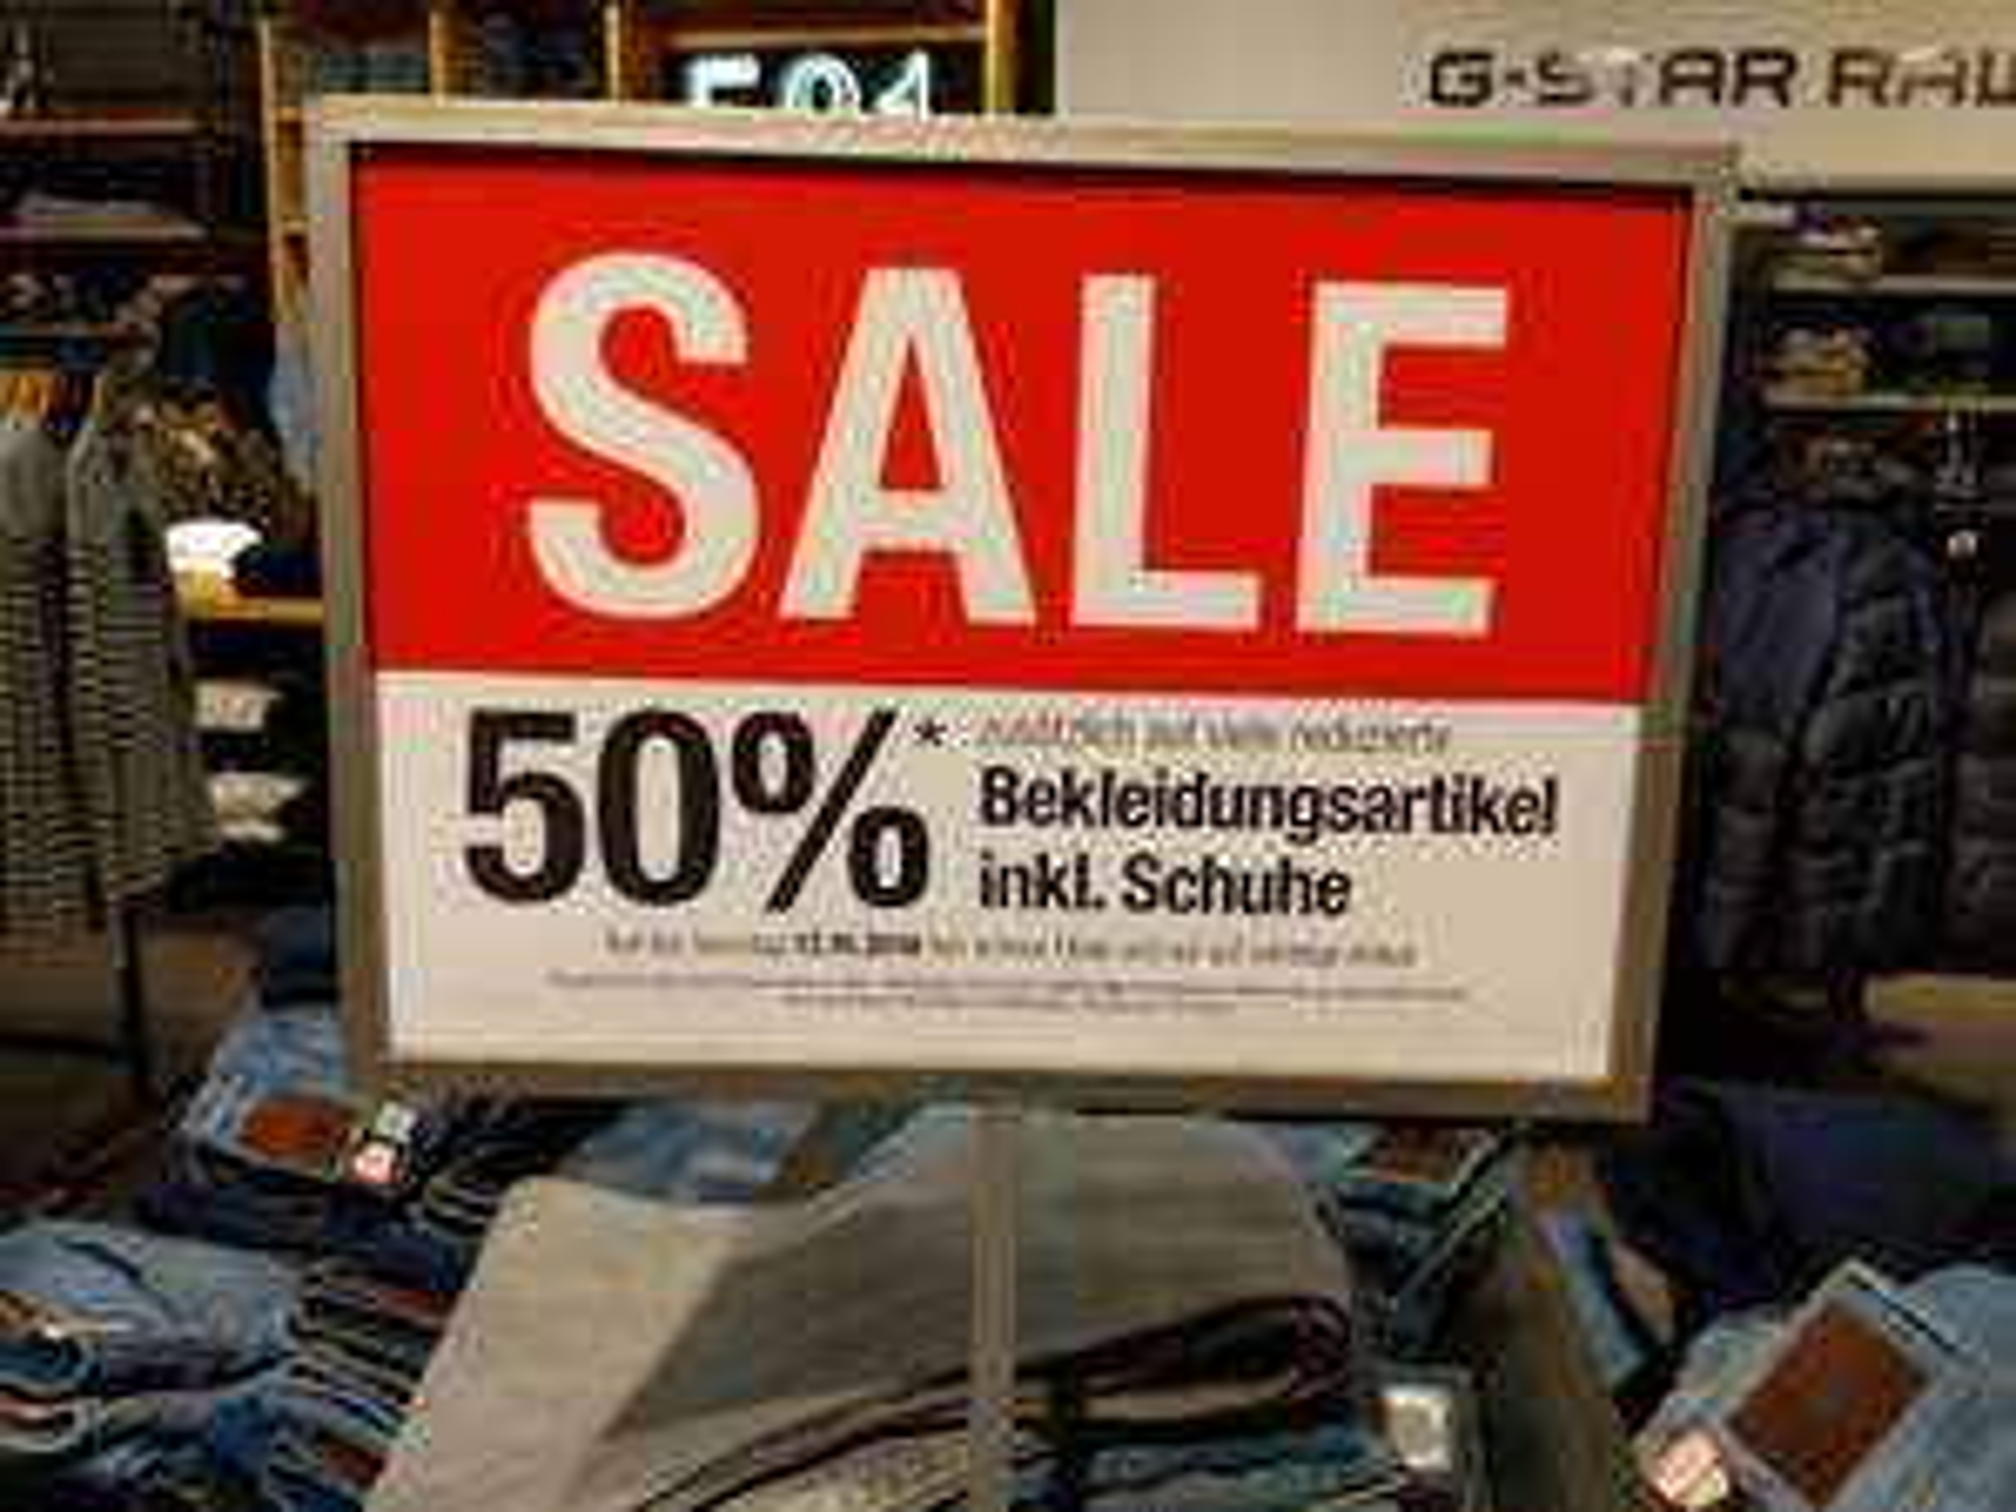 [Kaufhof Kassel] 50% auf reduzierte Bekleidung, zb G-Star 3301 für 50€